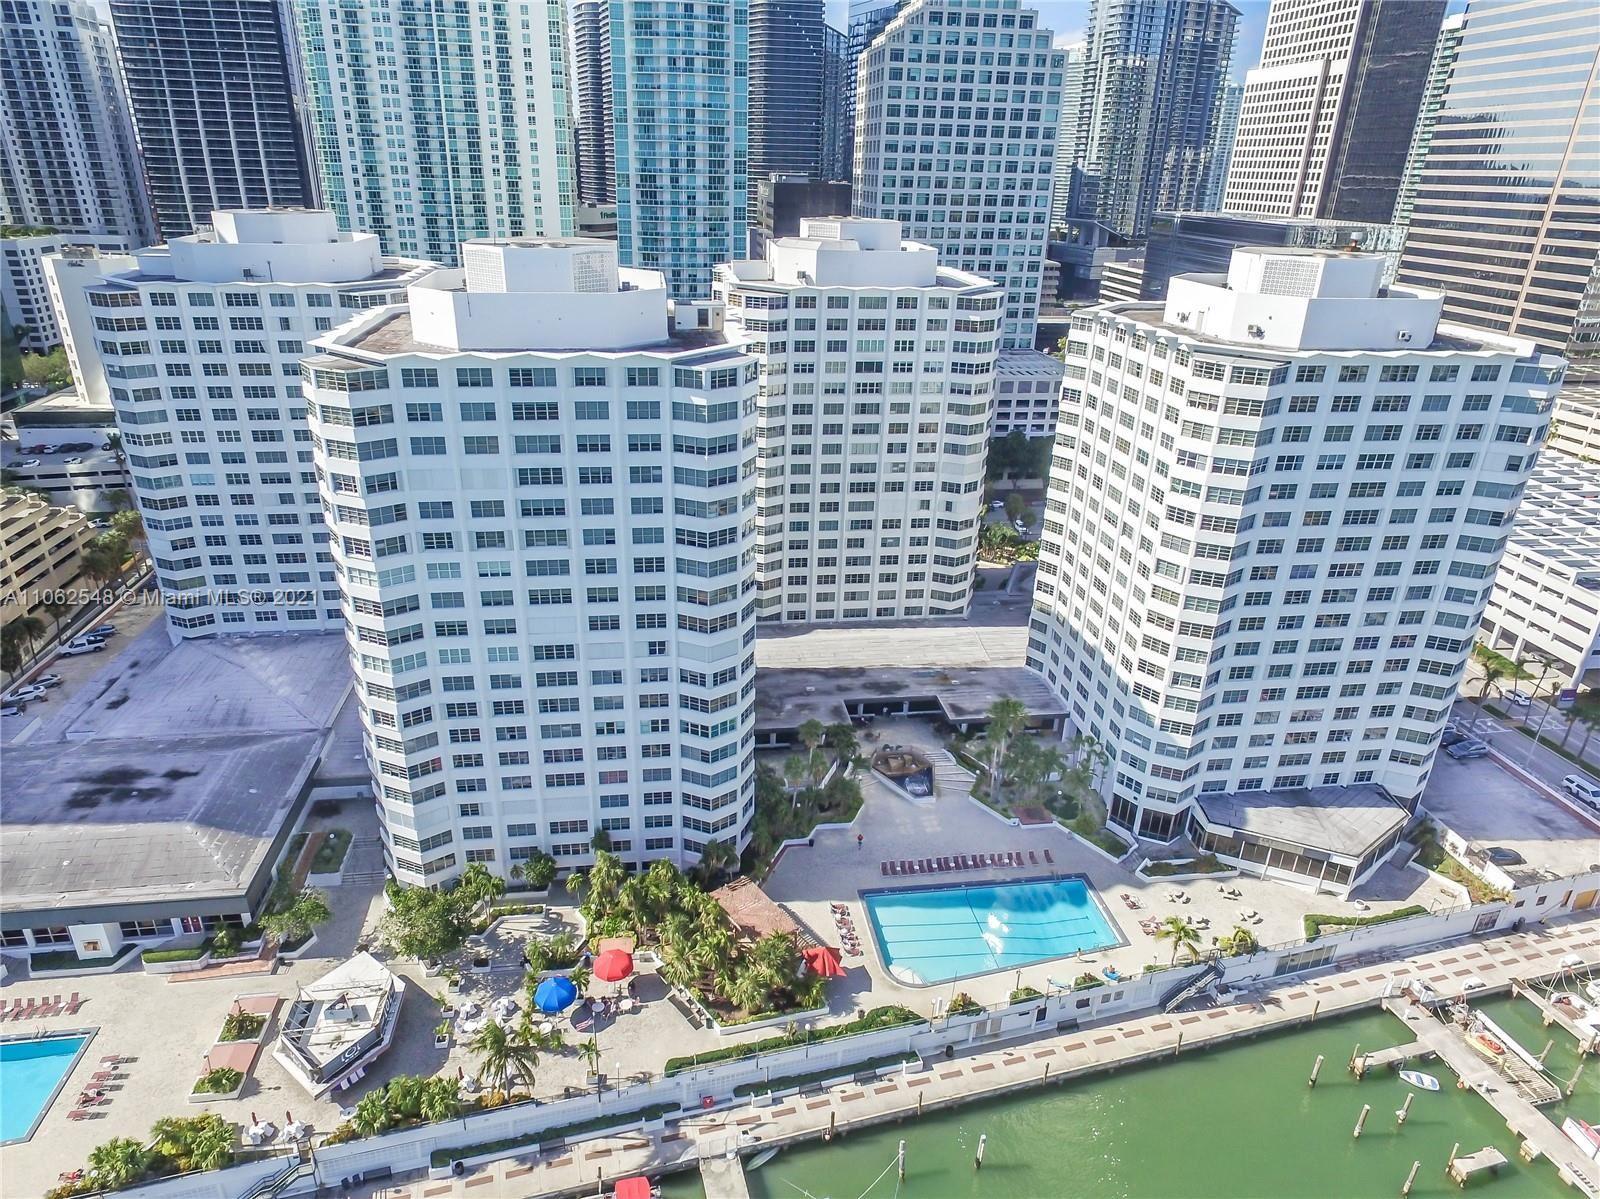 801 SE Brickell Bay Dr #767, Miami, FL 33131 - #: A11062548